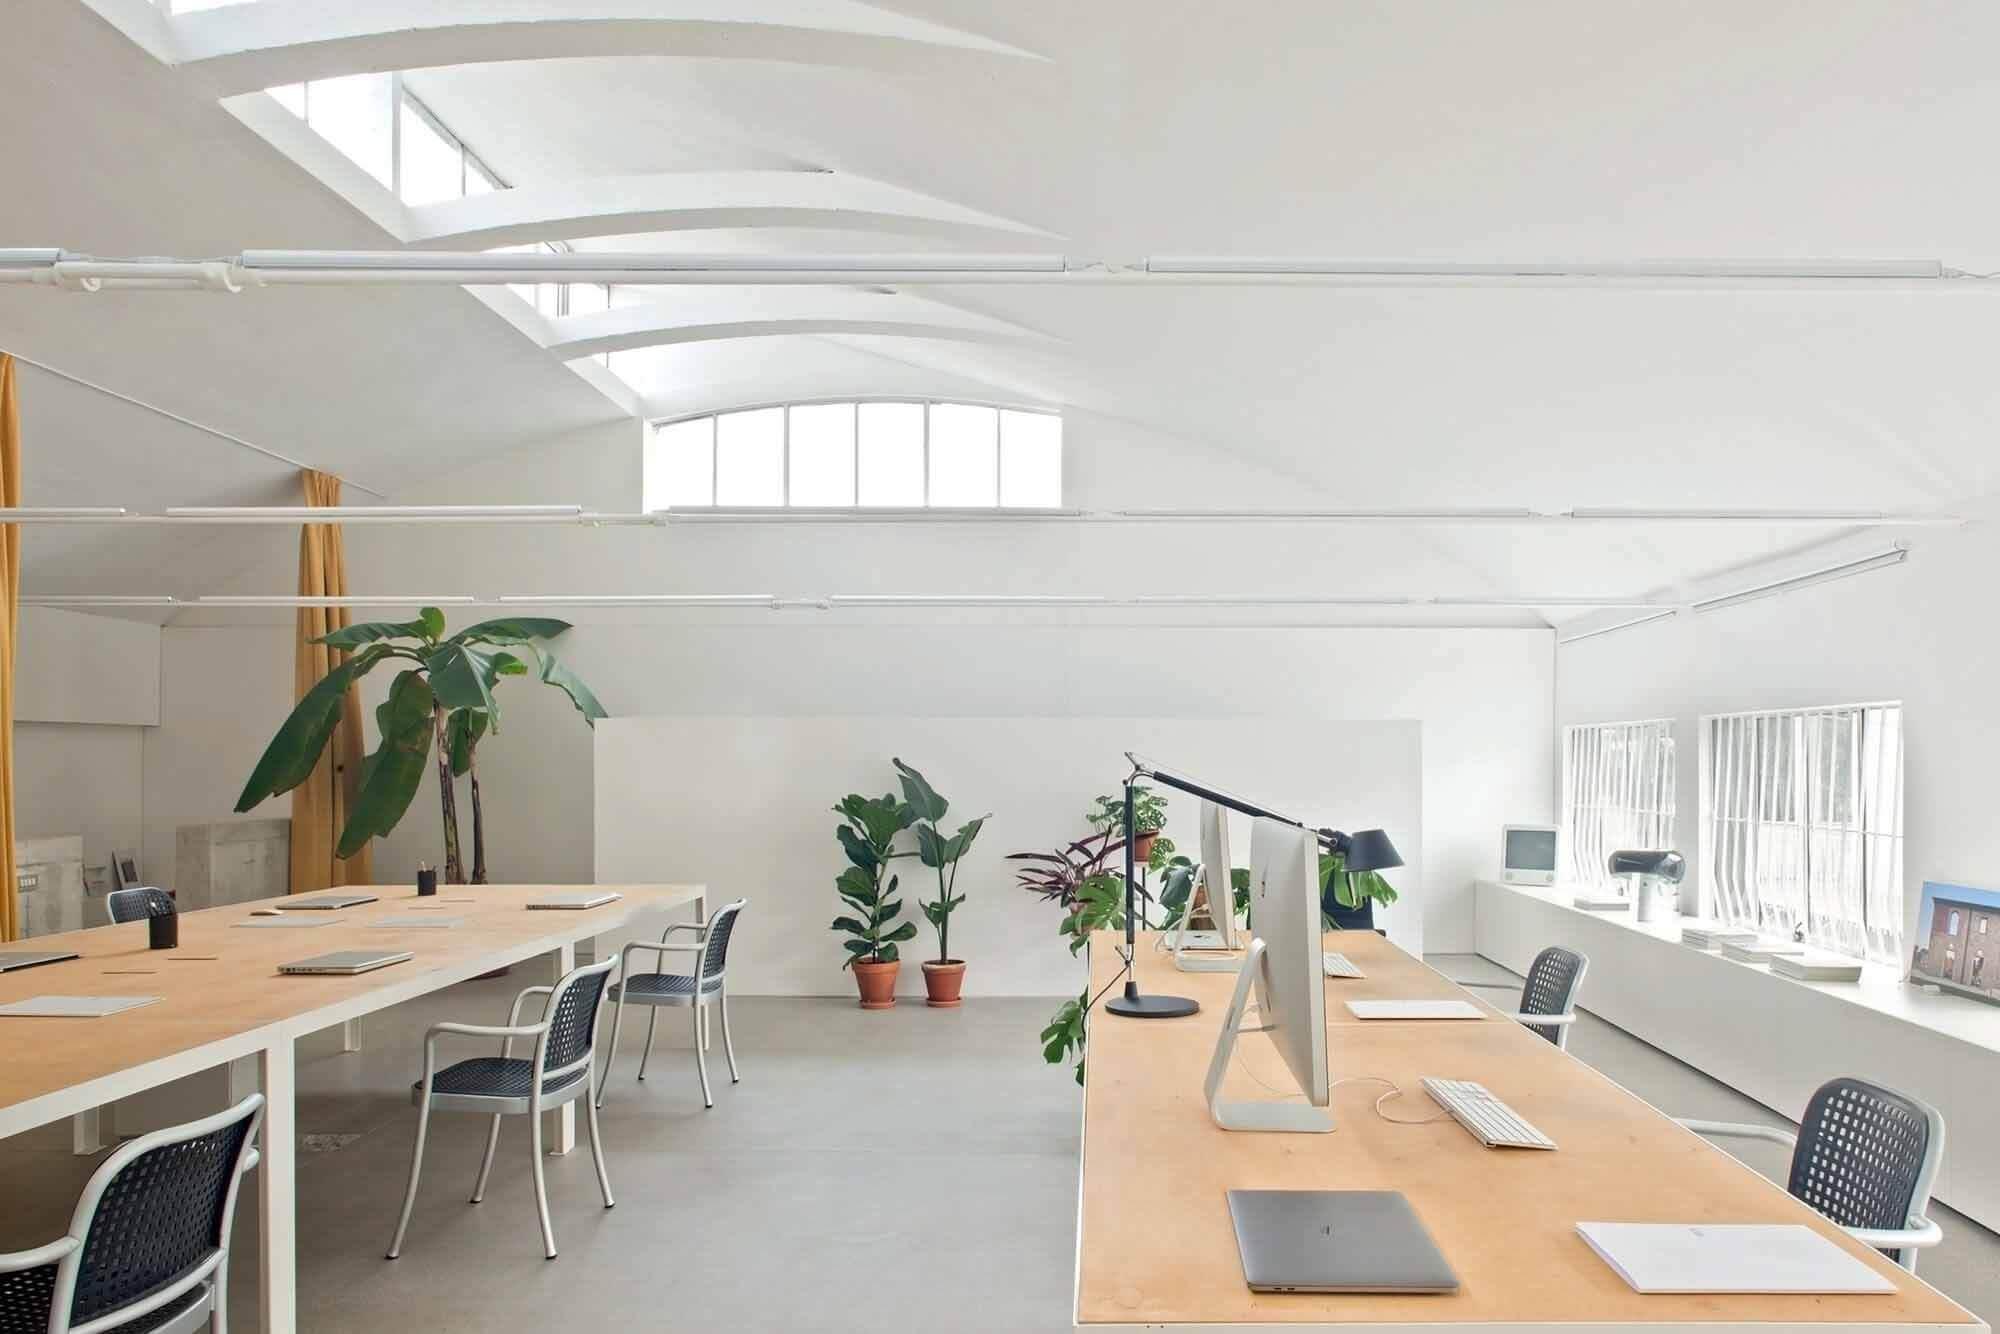 165_MIDEarchitetti Office / MIDE architetti